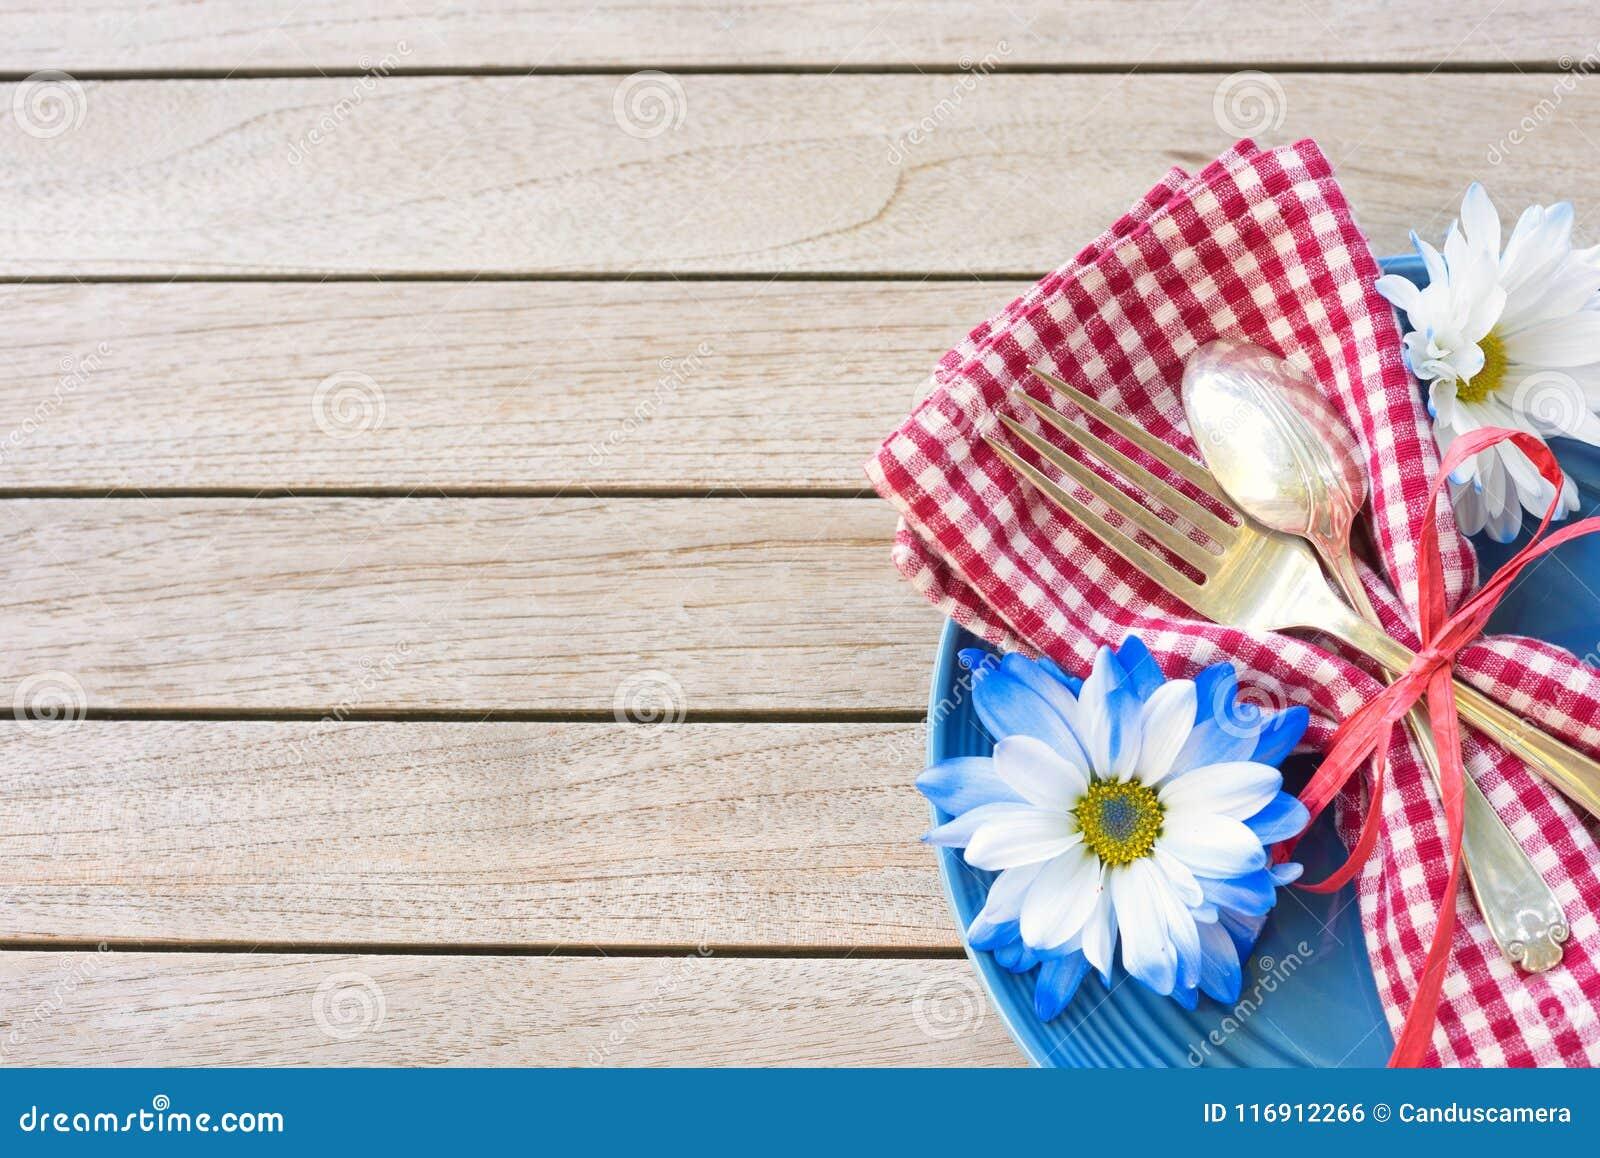 Πίνακας πικ-νίκ που θέτει στα κόκκινα άσπρα και μπλε χρώματα για τον εορτασμό την 4η Ιουλίου στον ξύλινο πίνακα υποβάθρου πινάκων